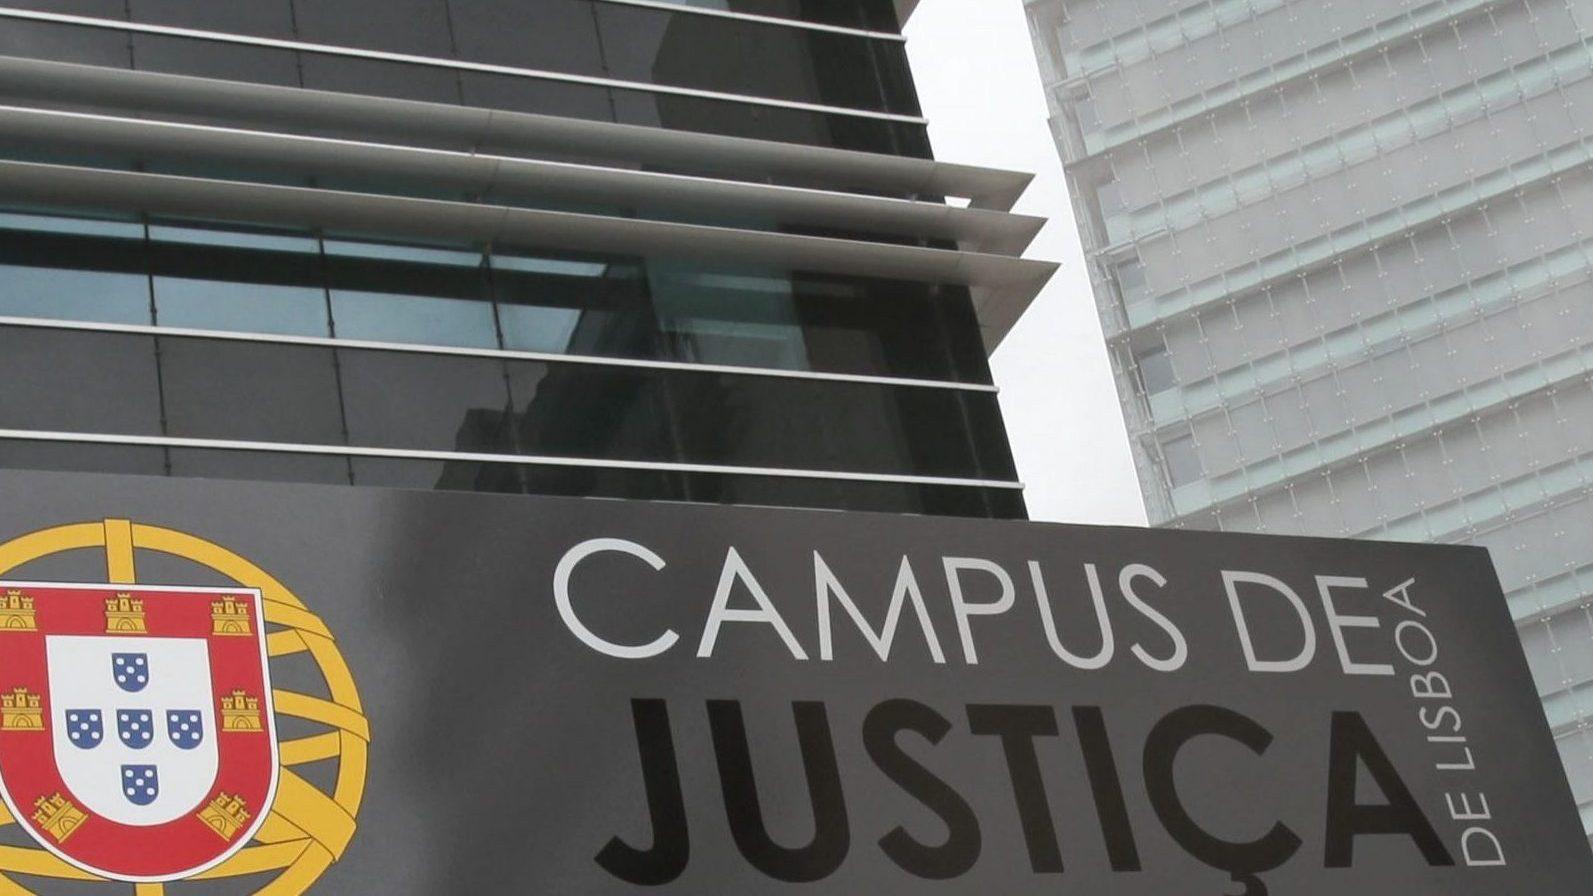 Sindicato dos Oficiais de Justiça anuncia greve de três dias